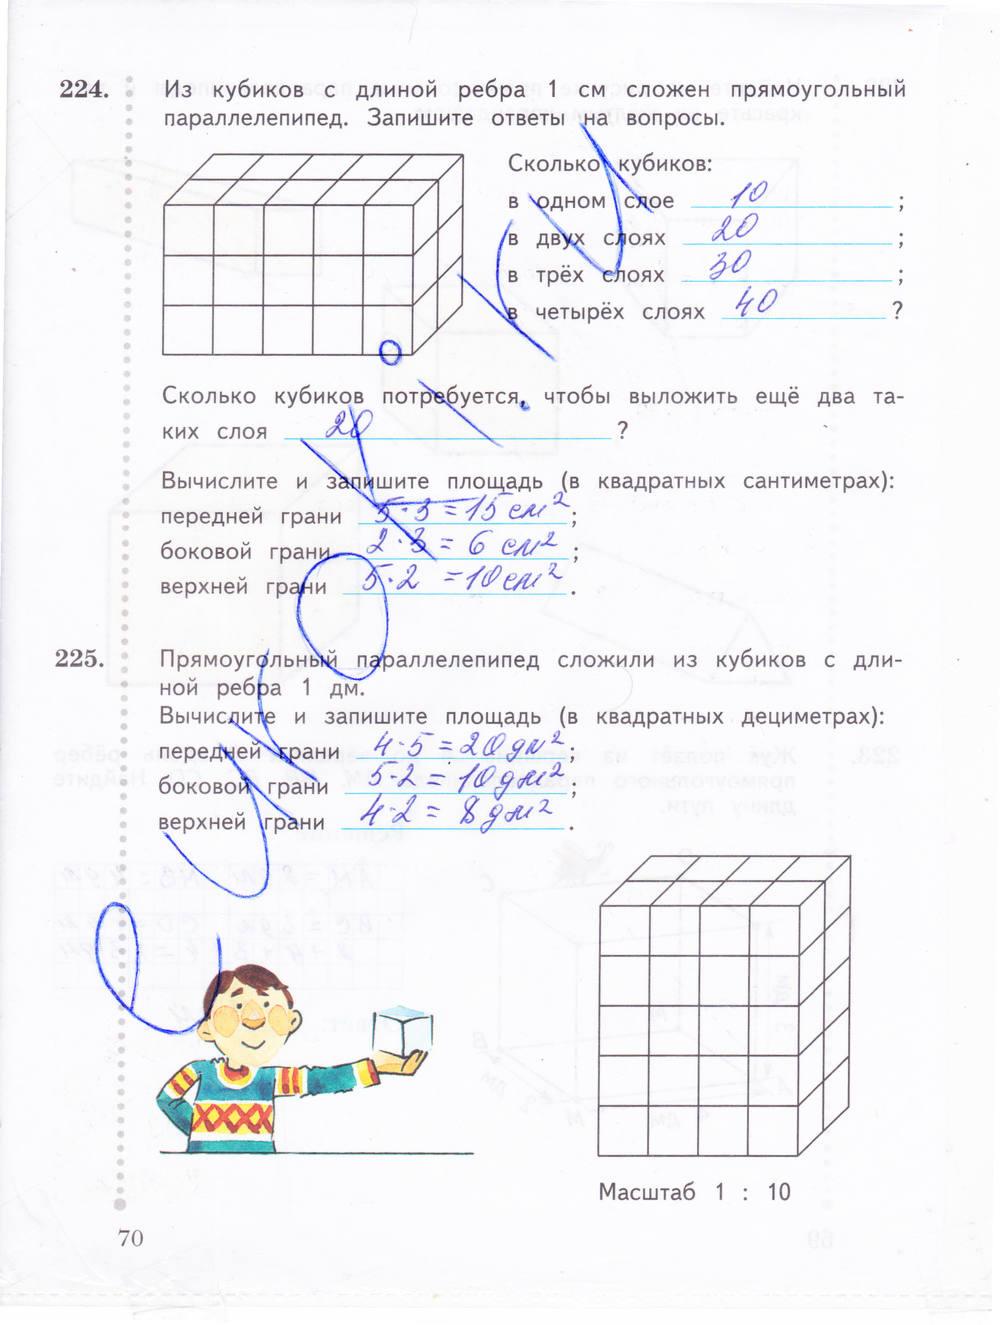 Вентана ответы по граф математике класс гдз 4